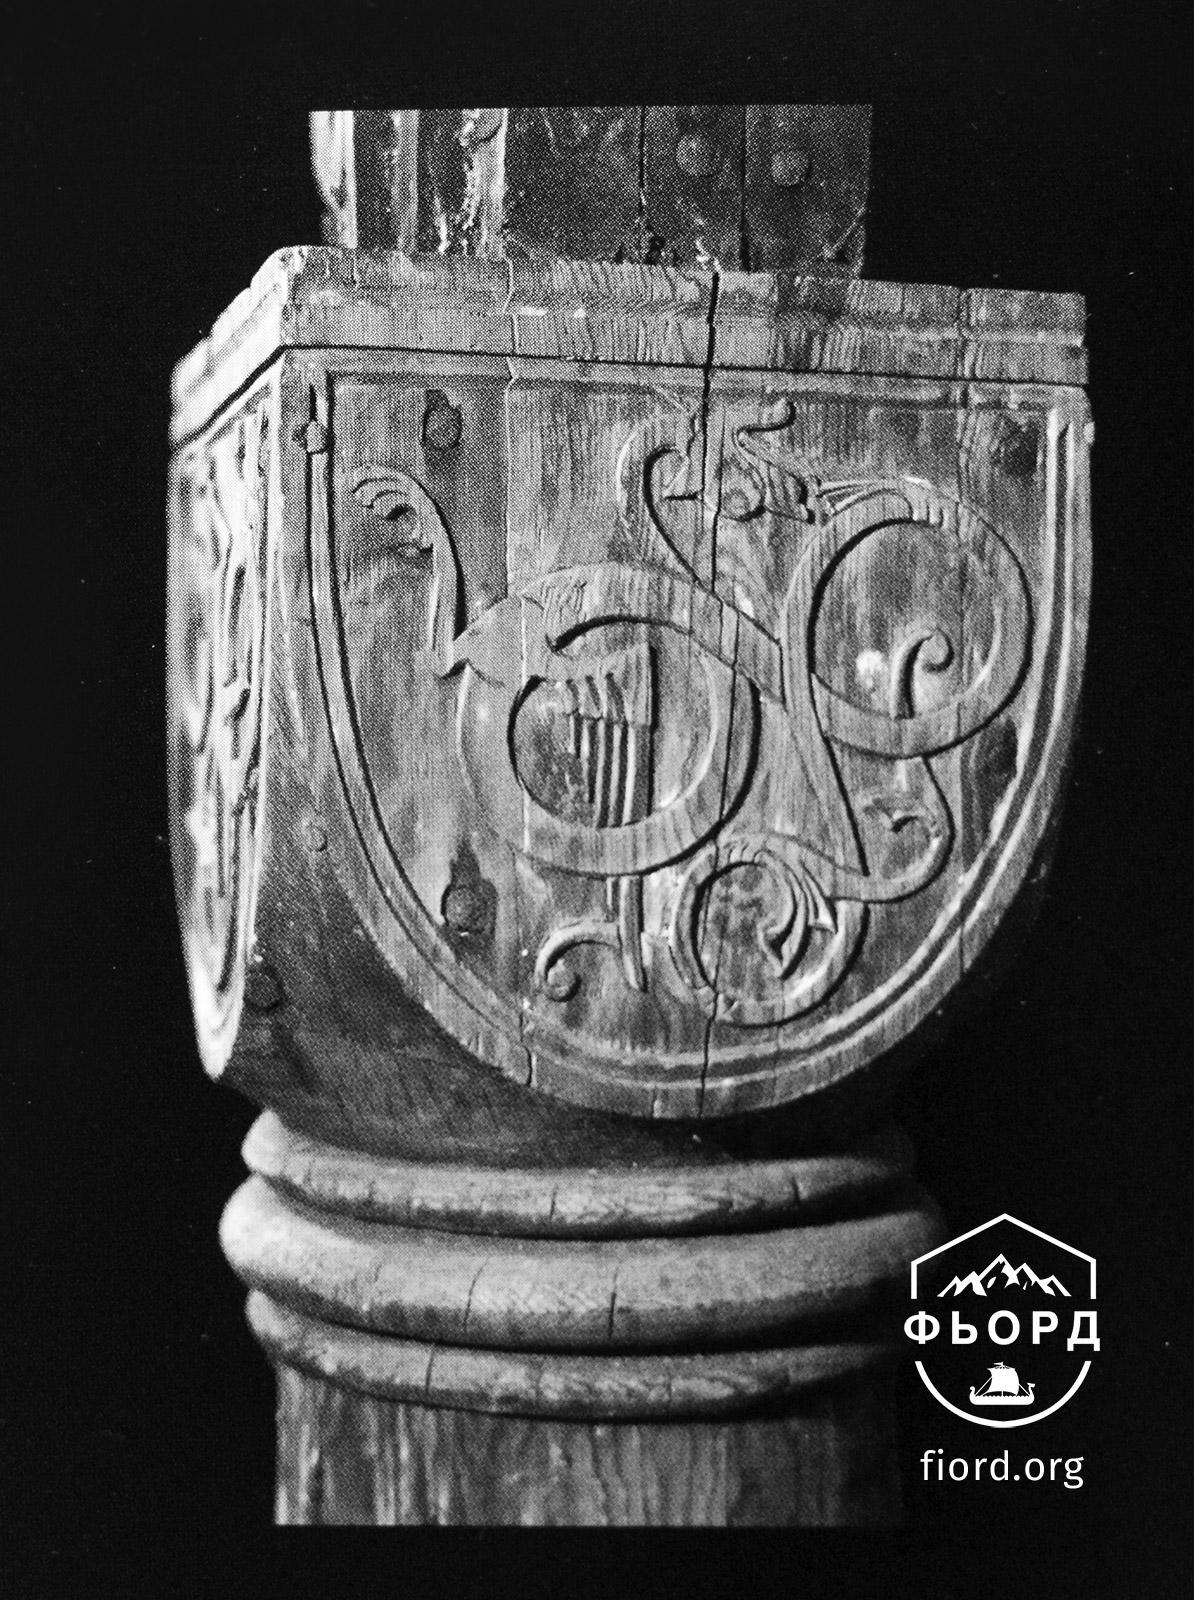 Столб из церкви Урнес, Норвегия. Смесь Романского стиля и мотивов стиля Урнес